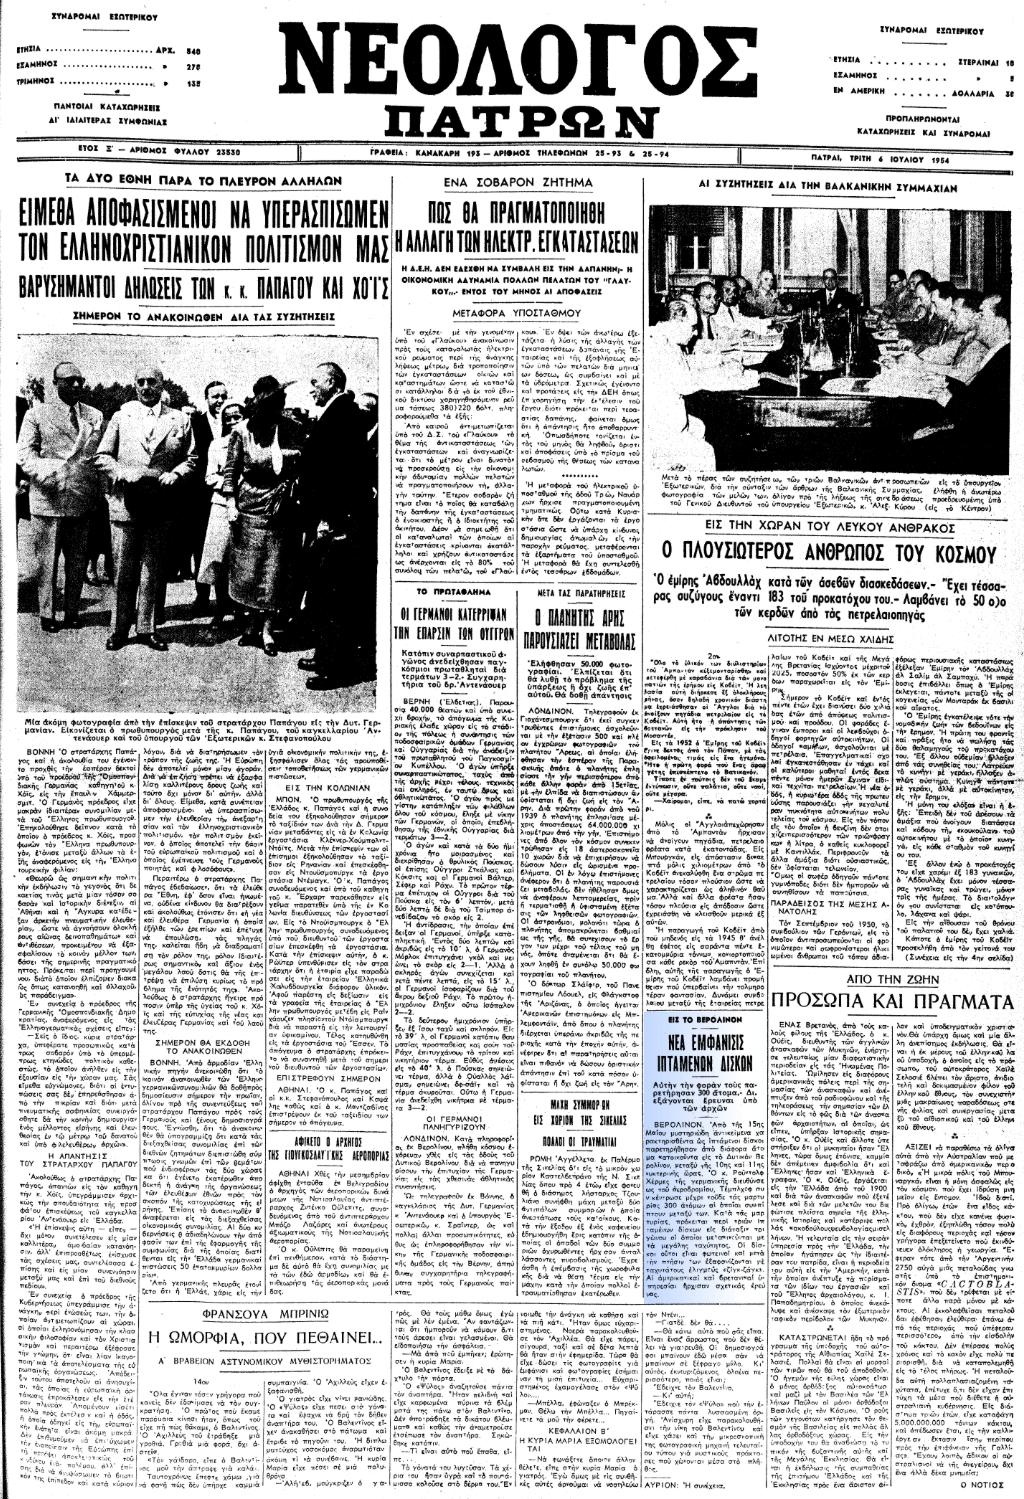 """Το άρθρο, όπως δημοσιεύθηκε στην εφημερίδα """"ΝΕΟΛΟΓΟΣ ΠΑΤΡΩΝ"""", στις 06/07/1954"""